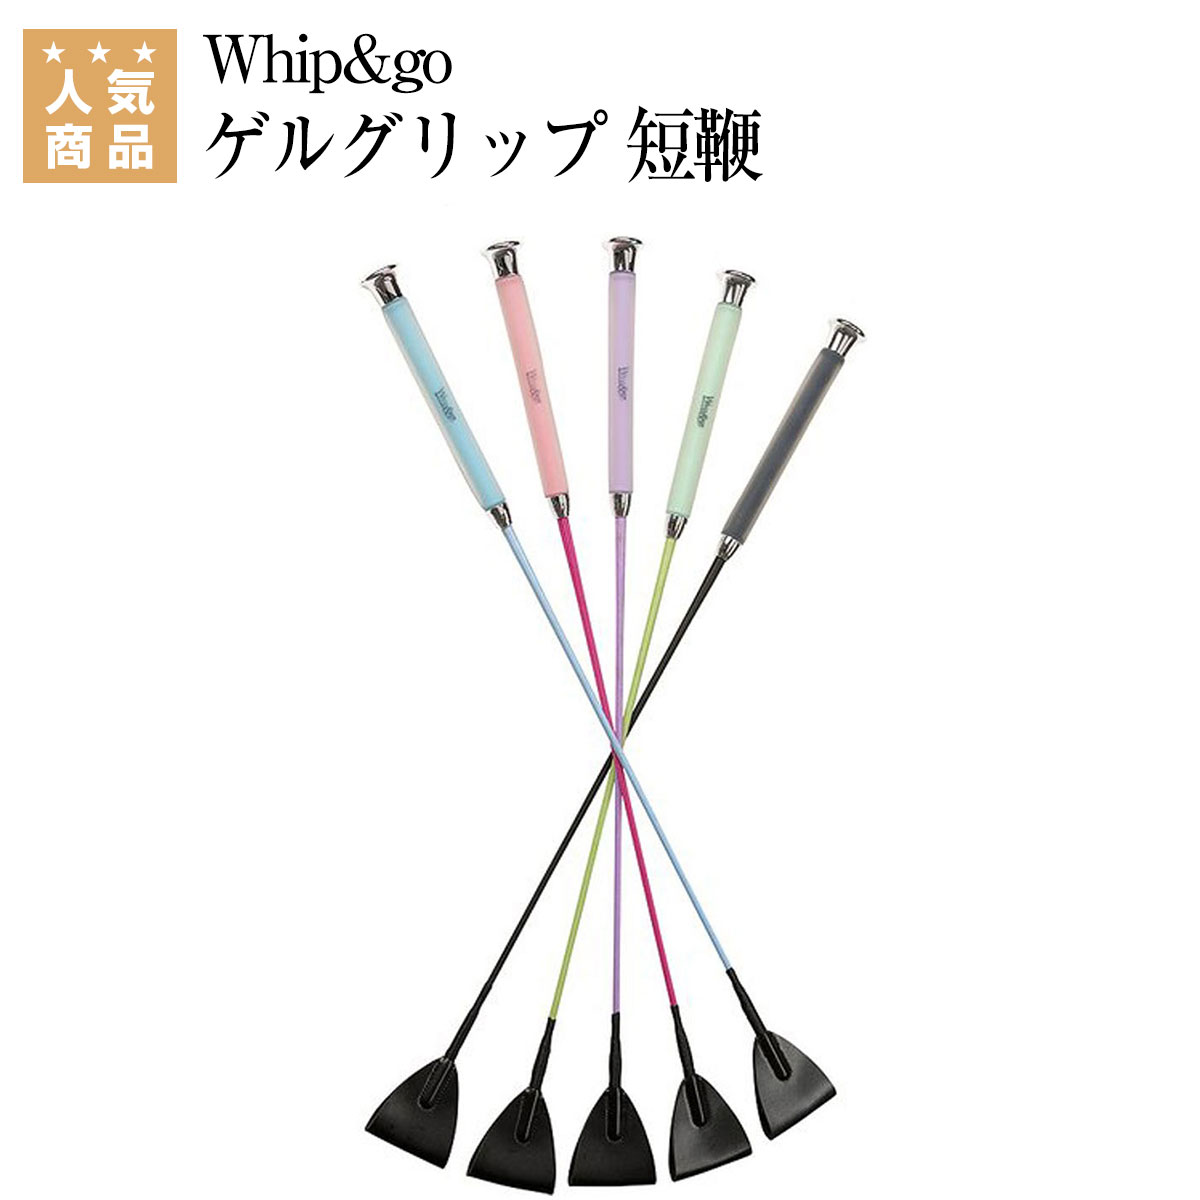 【セール】鞭 短鞭 乗馬 ムチ Whip&go(ウィップ&ゴー)ゲルグリップ 短鞭 乗馬用品 馬具